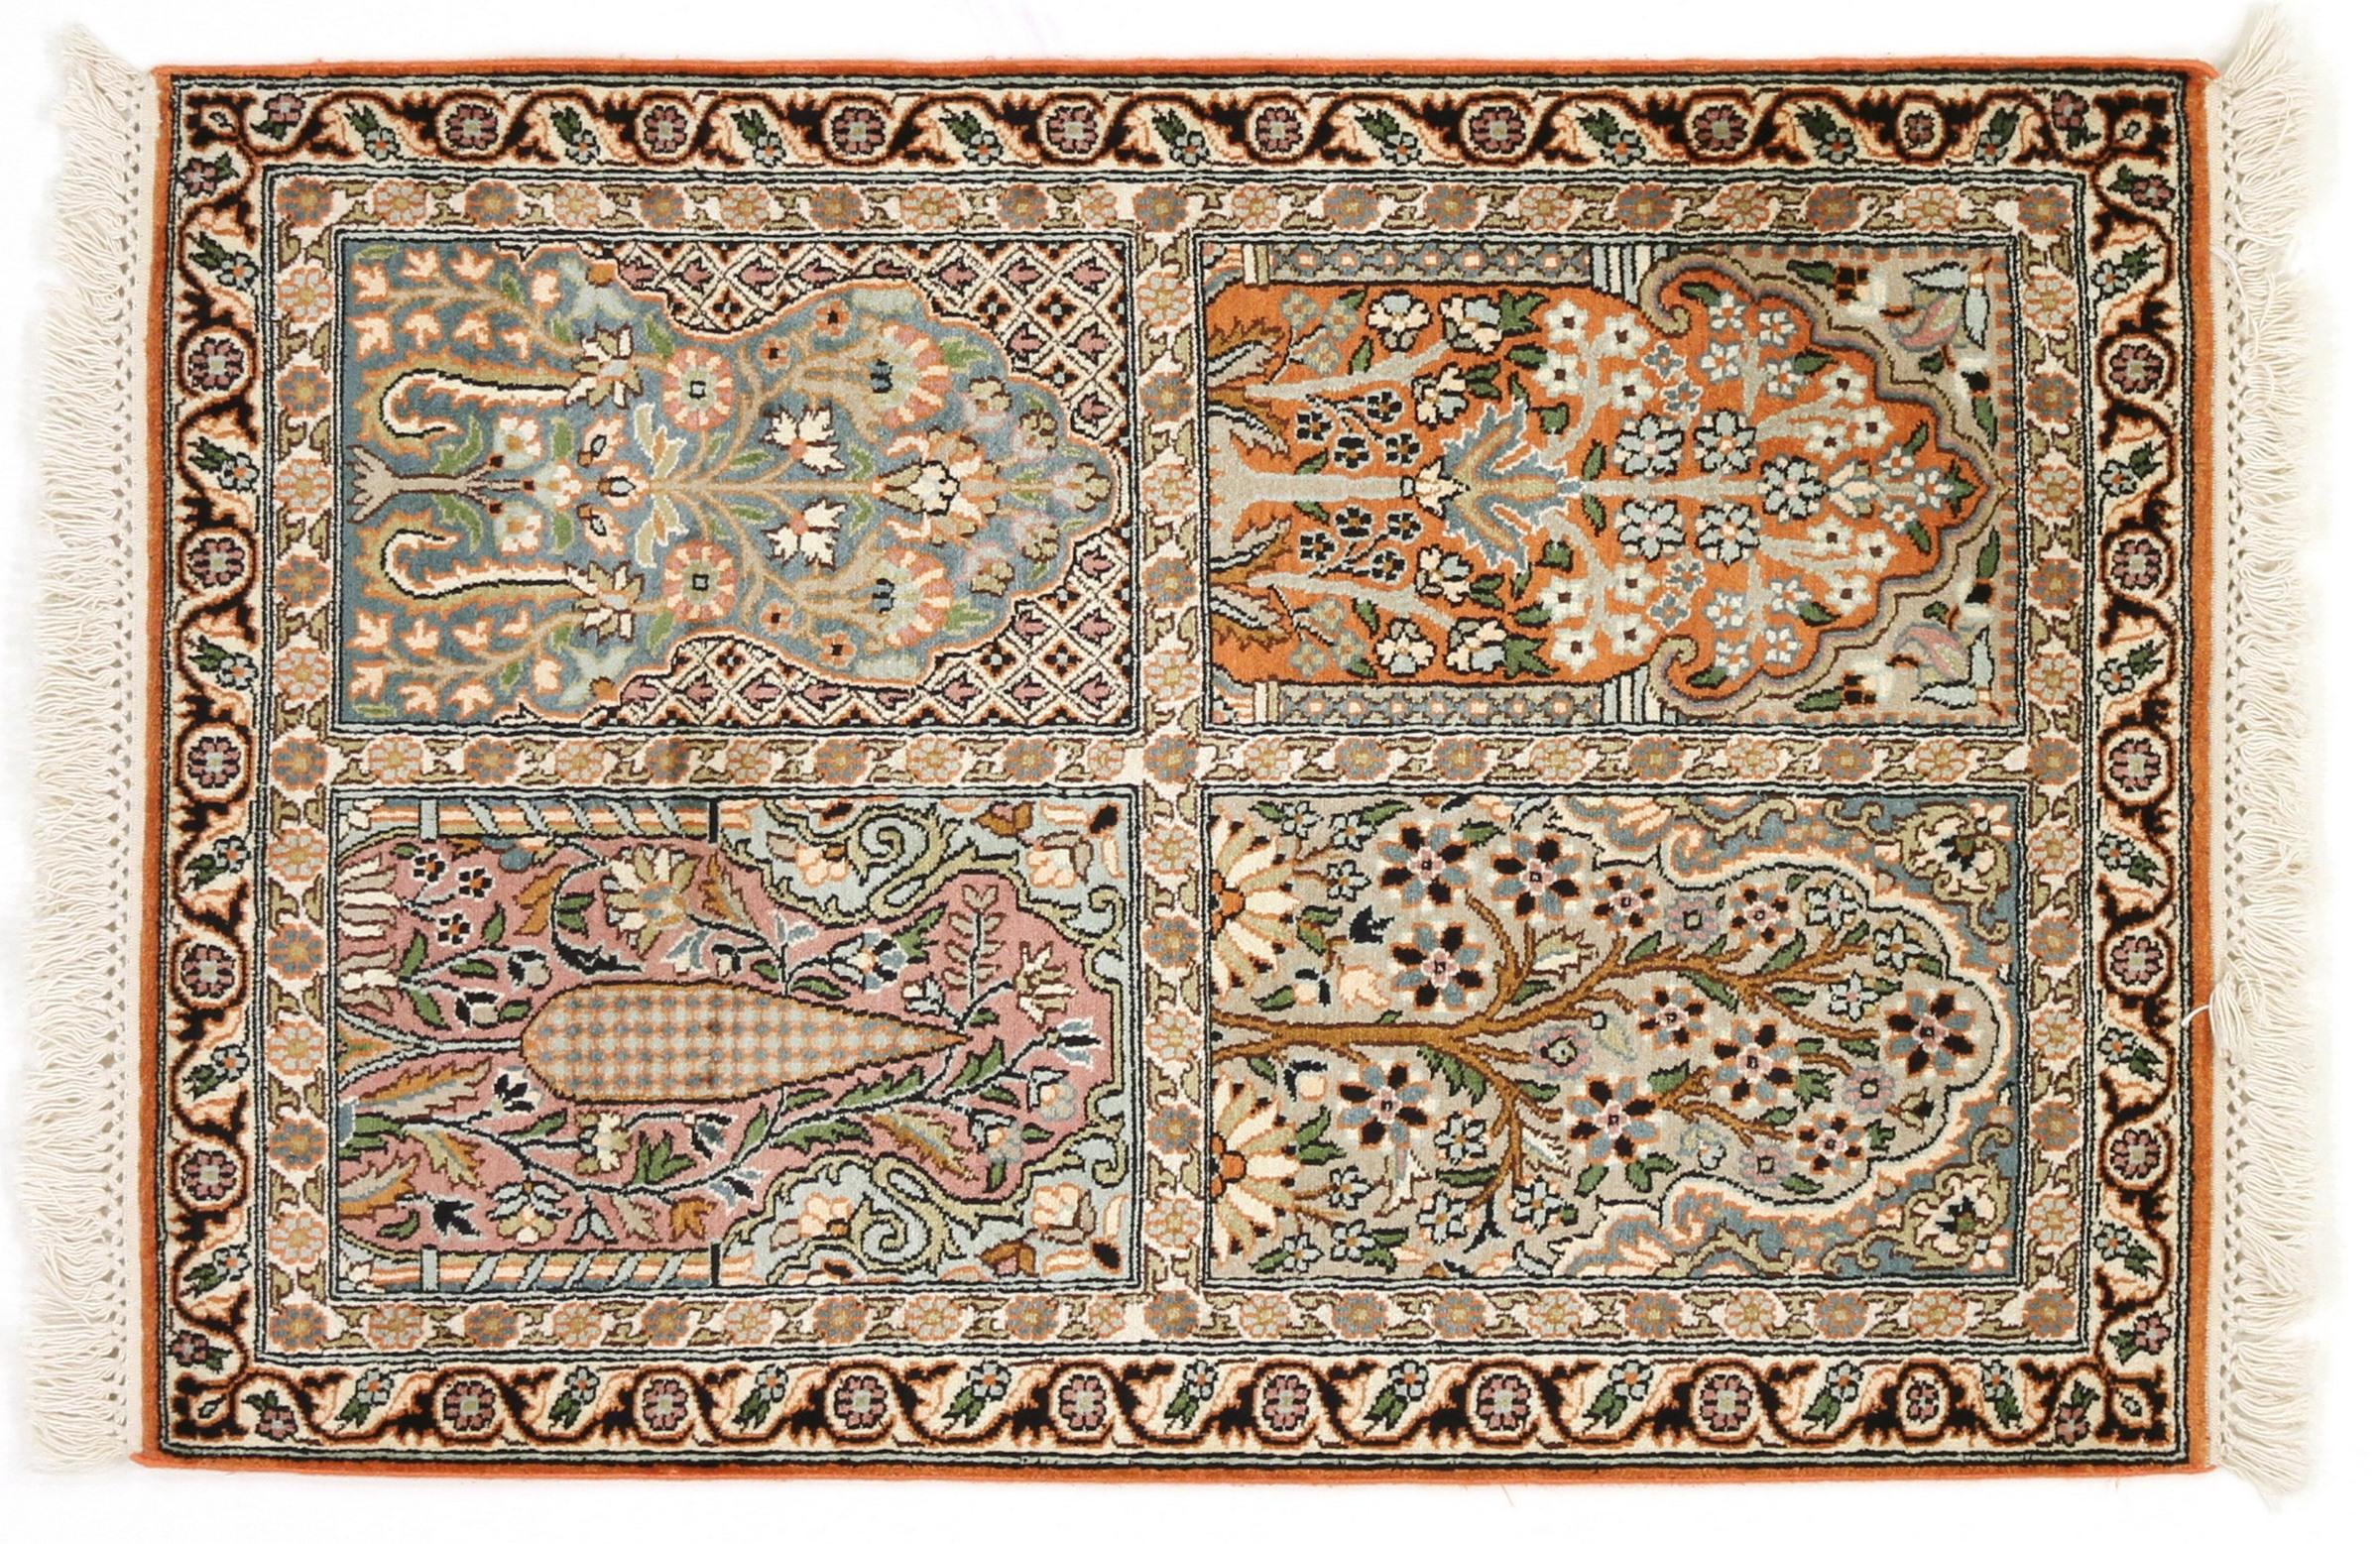 kaschmir reine seide indischer teppich 96x66 id20176. Black Bedroom Furniture Sets. Home Design Ideas